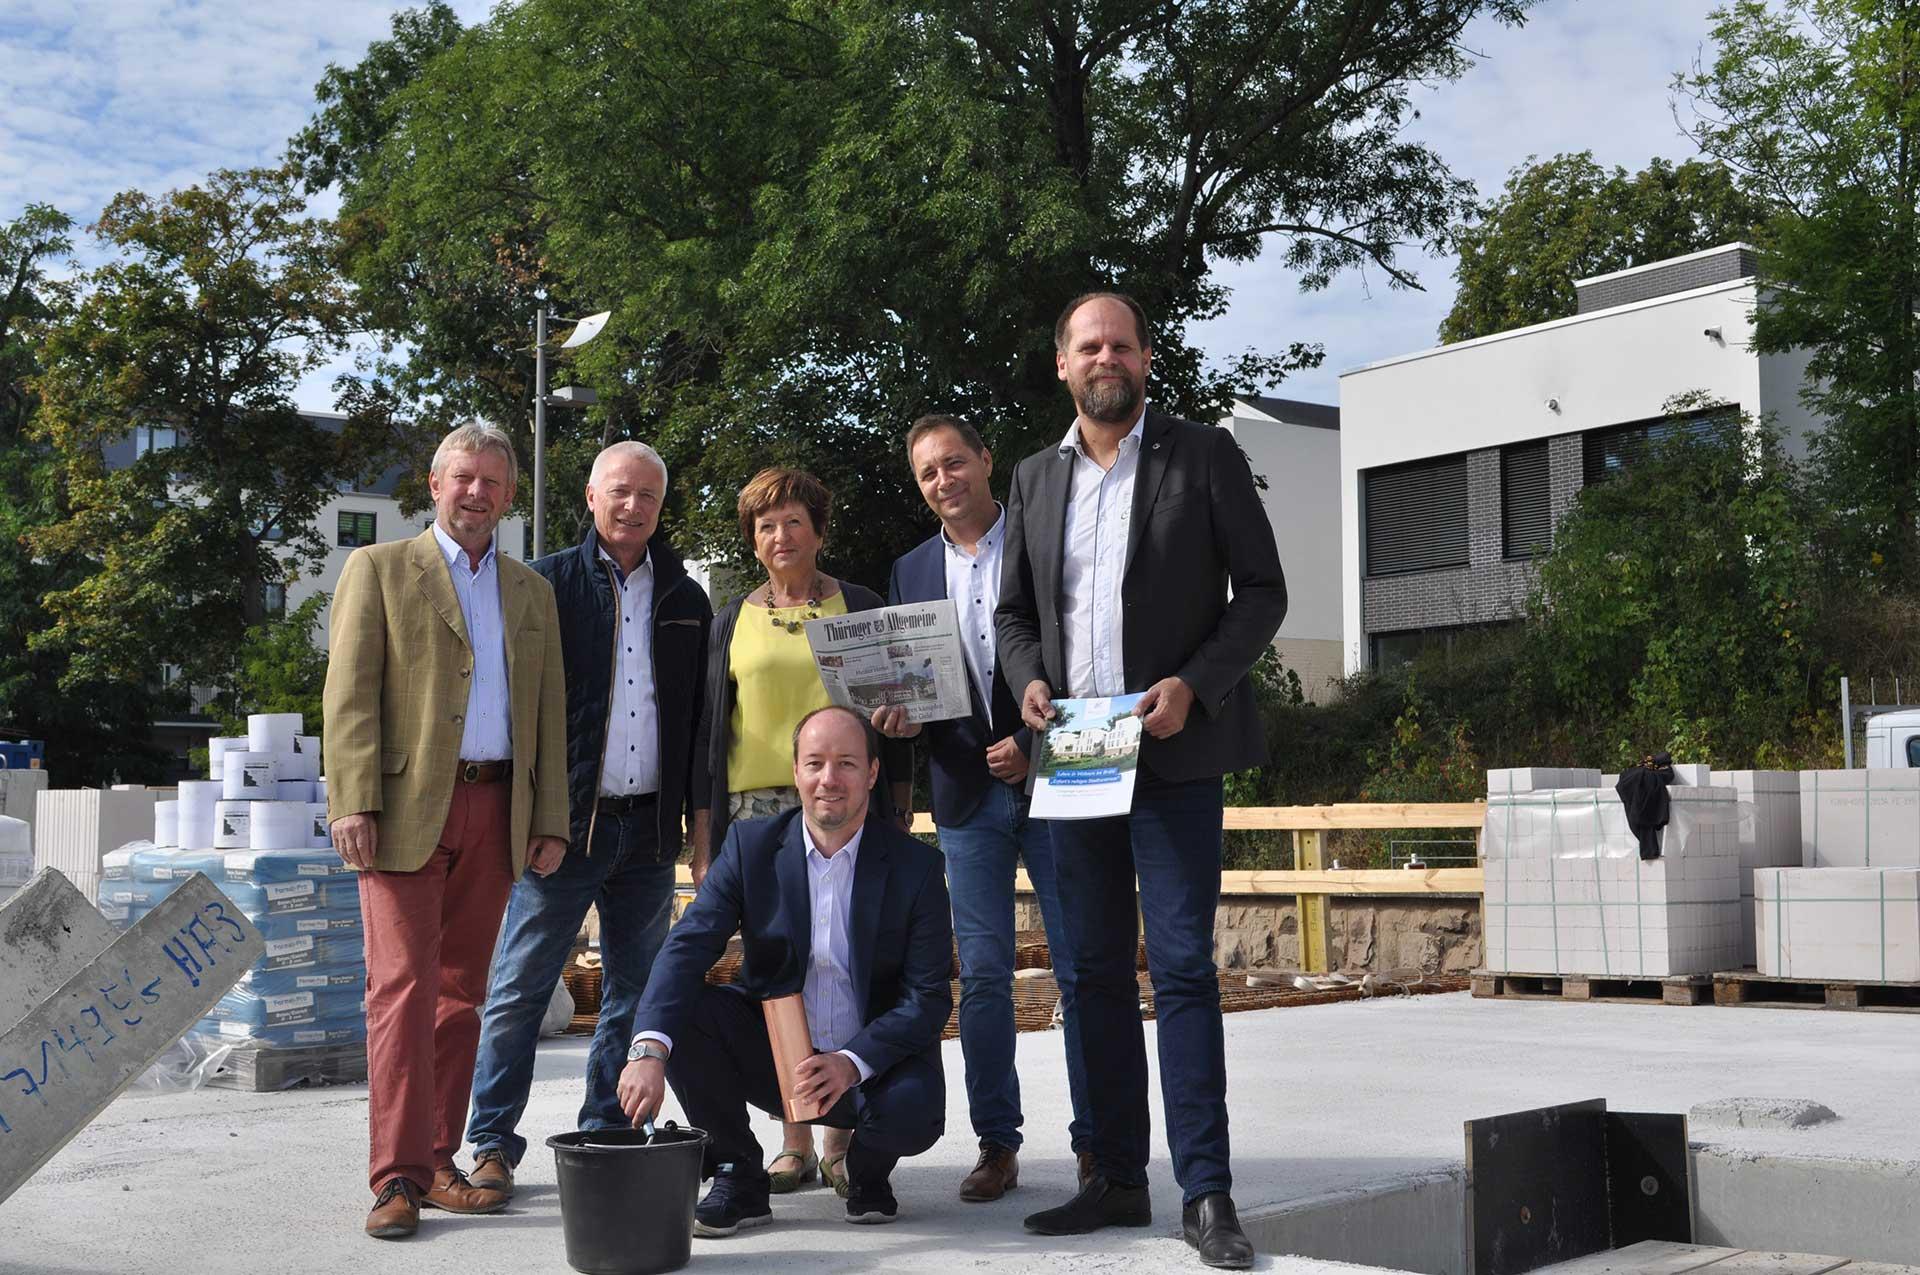 Grundsteinlegung für 12 Eigentumswohnungen im Erfurter Brühl